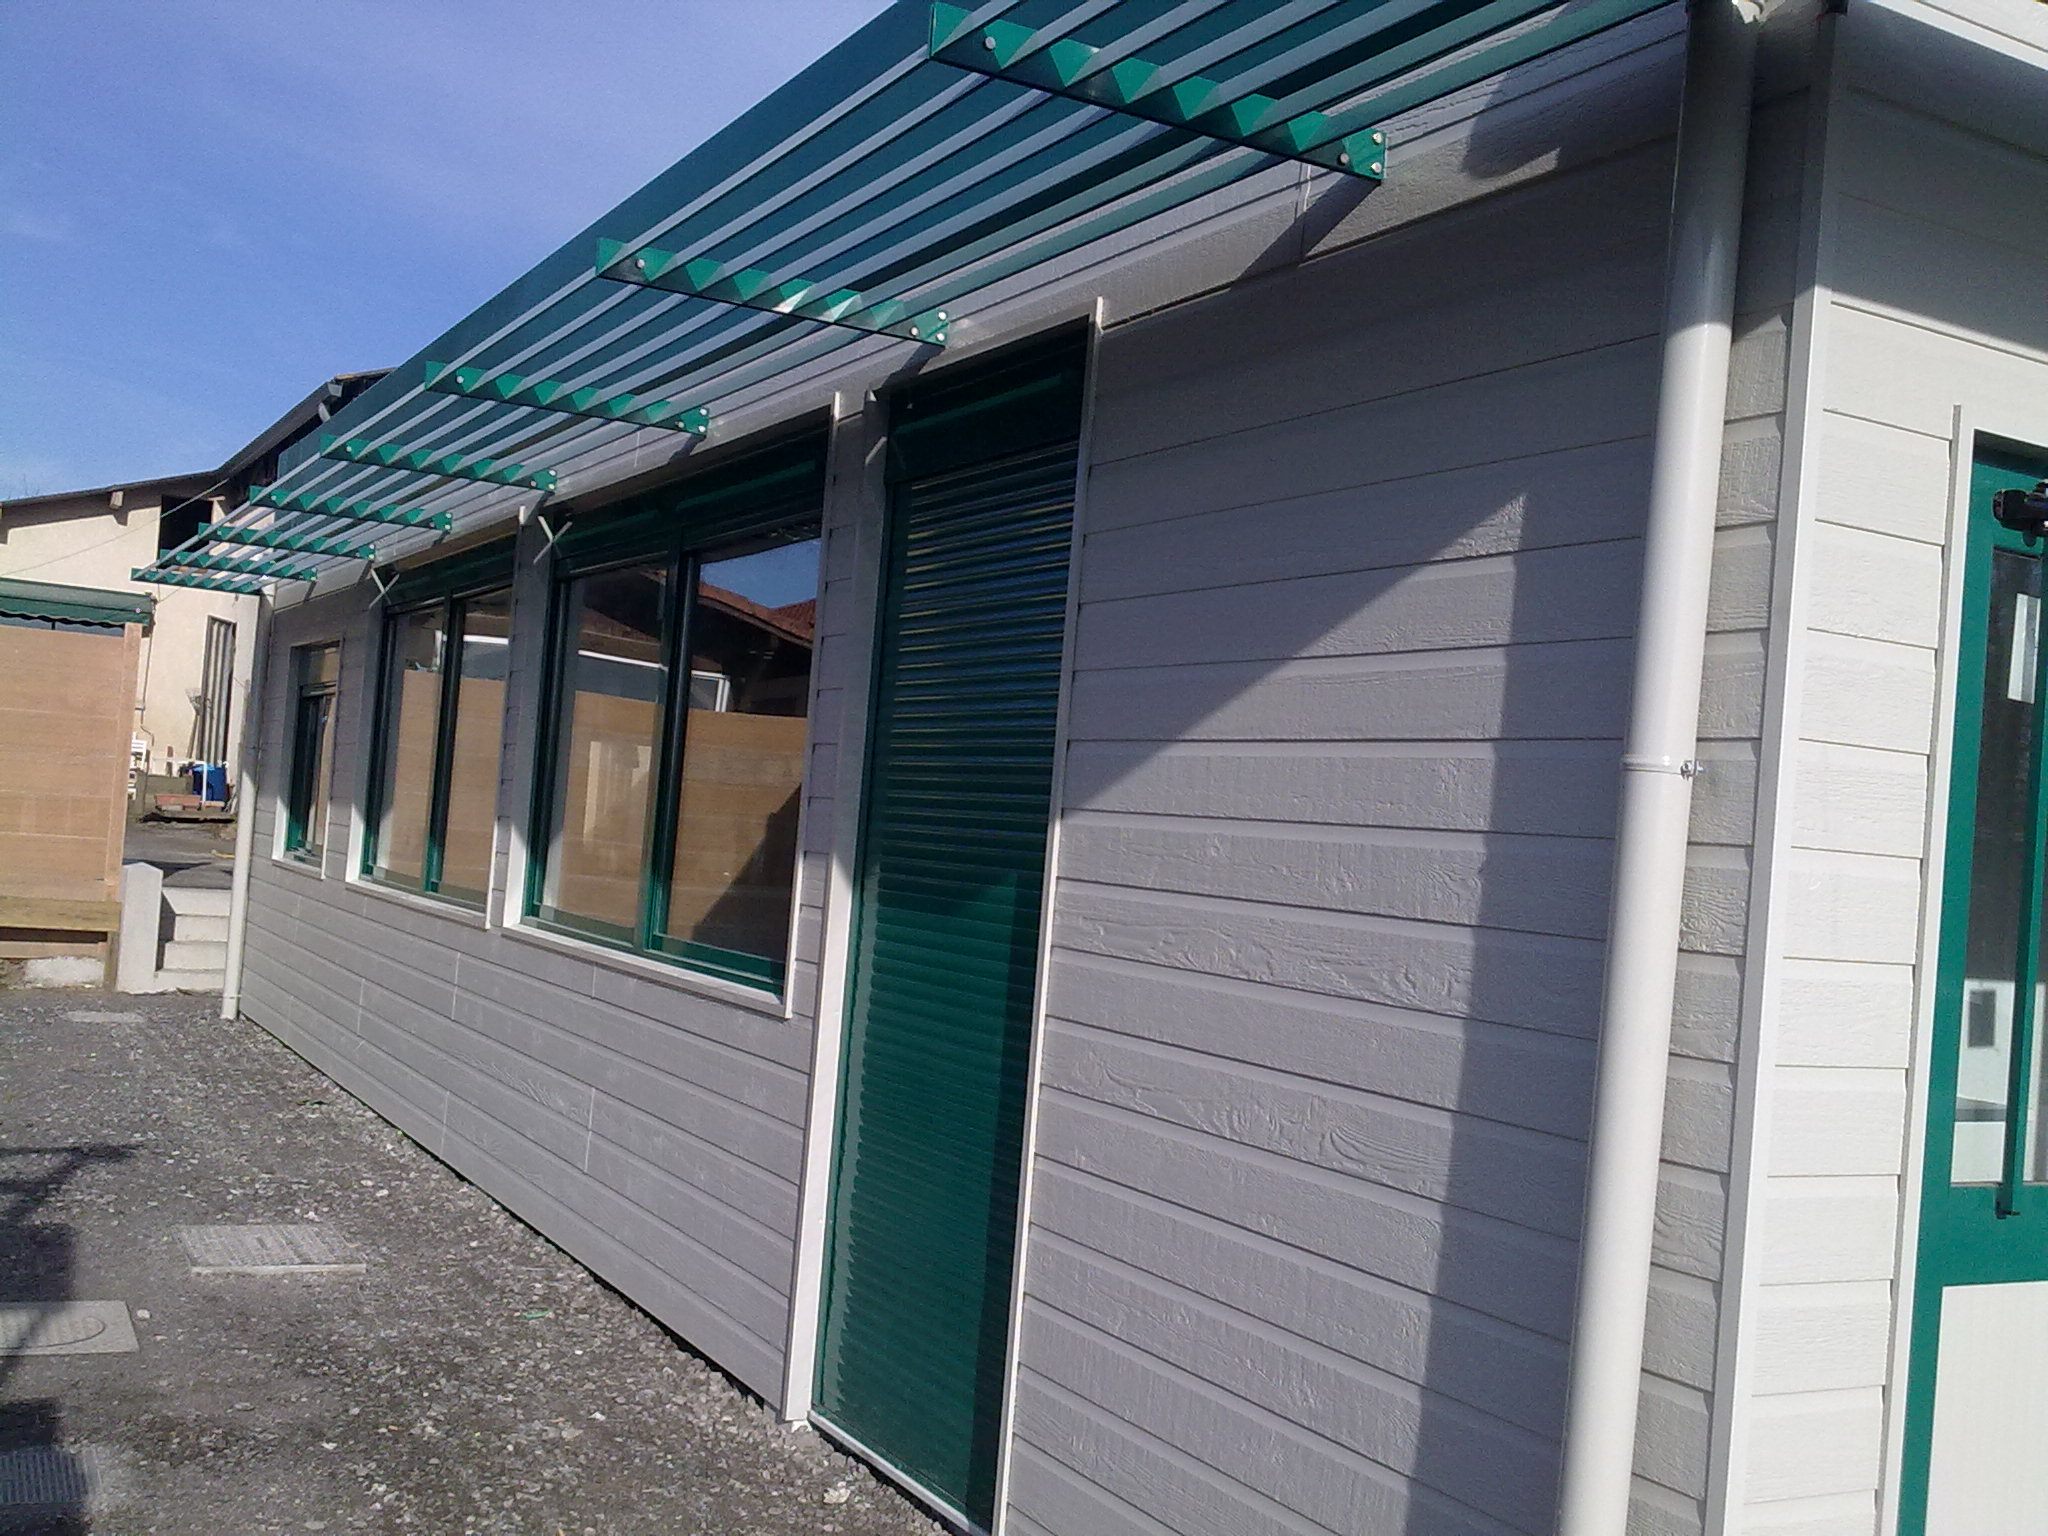 Oficinas prefabricadas oficinas modulares construcci n for Oficinas modulares